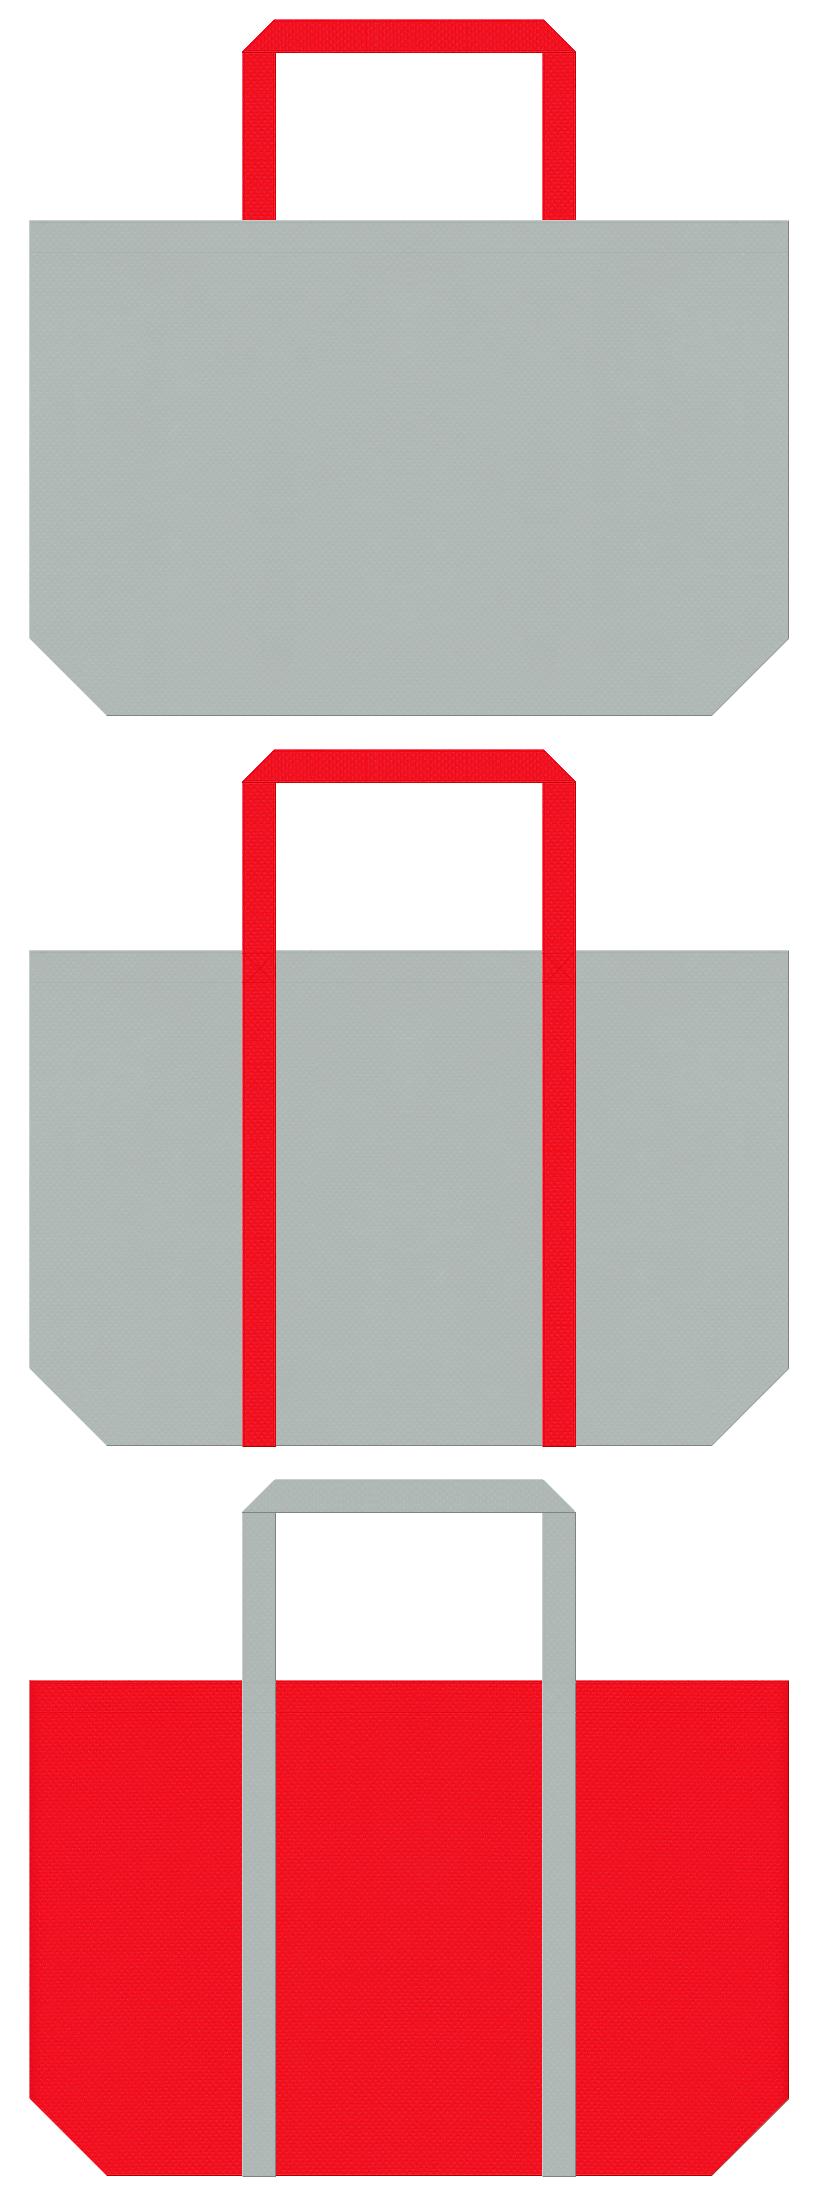 グレー色と赤色の不織布バッグのデザイン。ラジコン・プラモデル・ロボット・ホビーのイメージにお奨めの配色です。